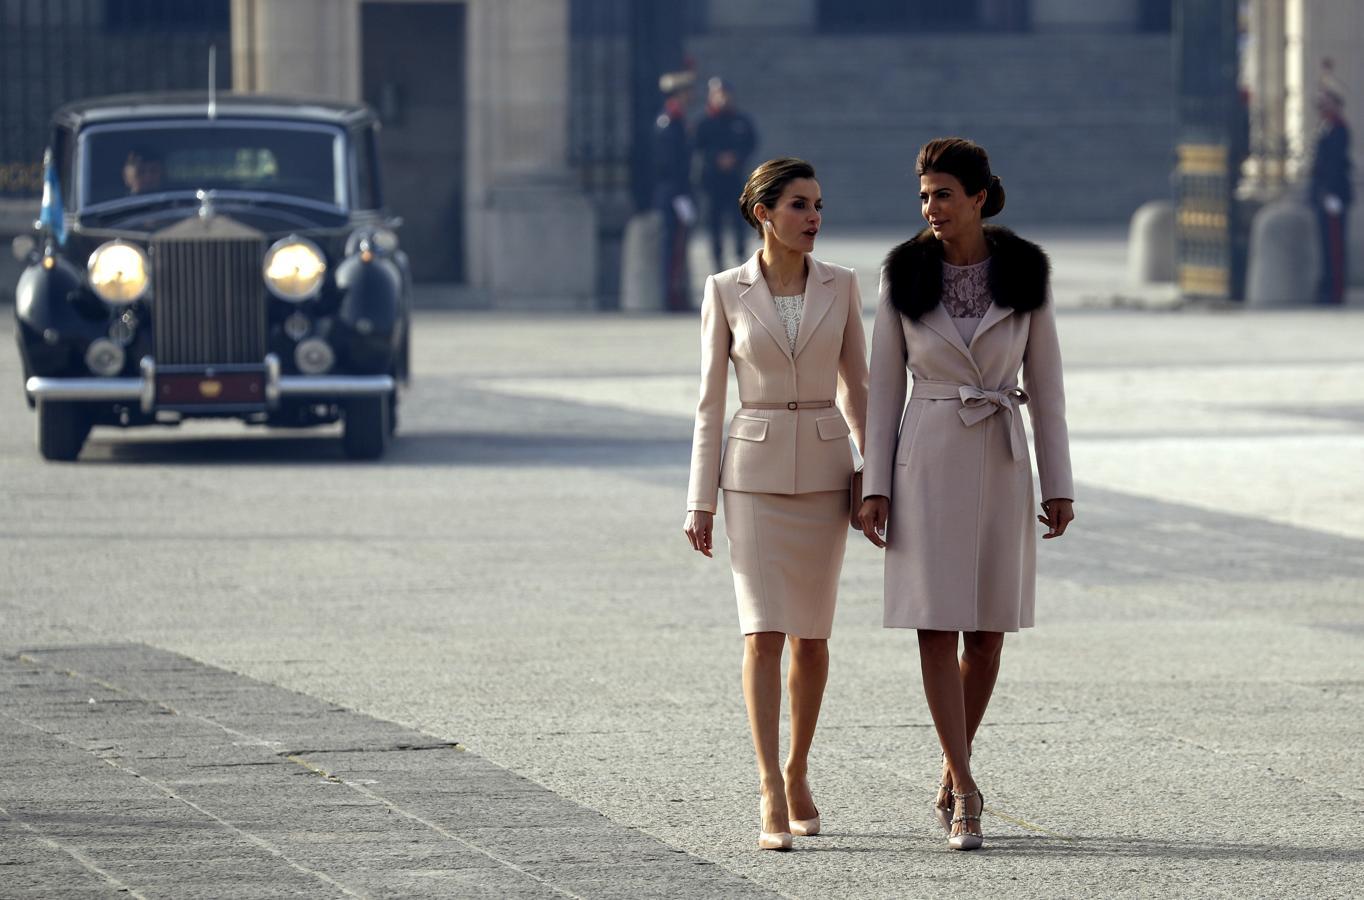 La Reina Letizia, junto a Juliana Awada, esposa del presidente de Argentina, Mauricio Macri, a su llegada hoy al Palacio Real